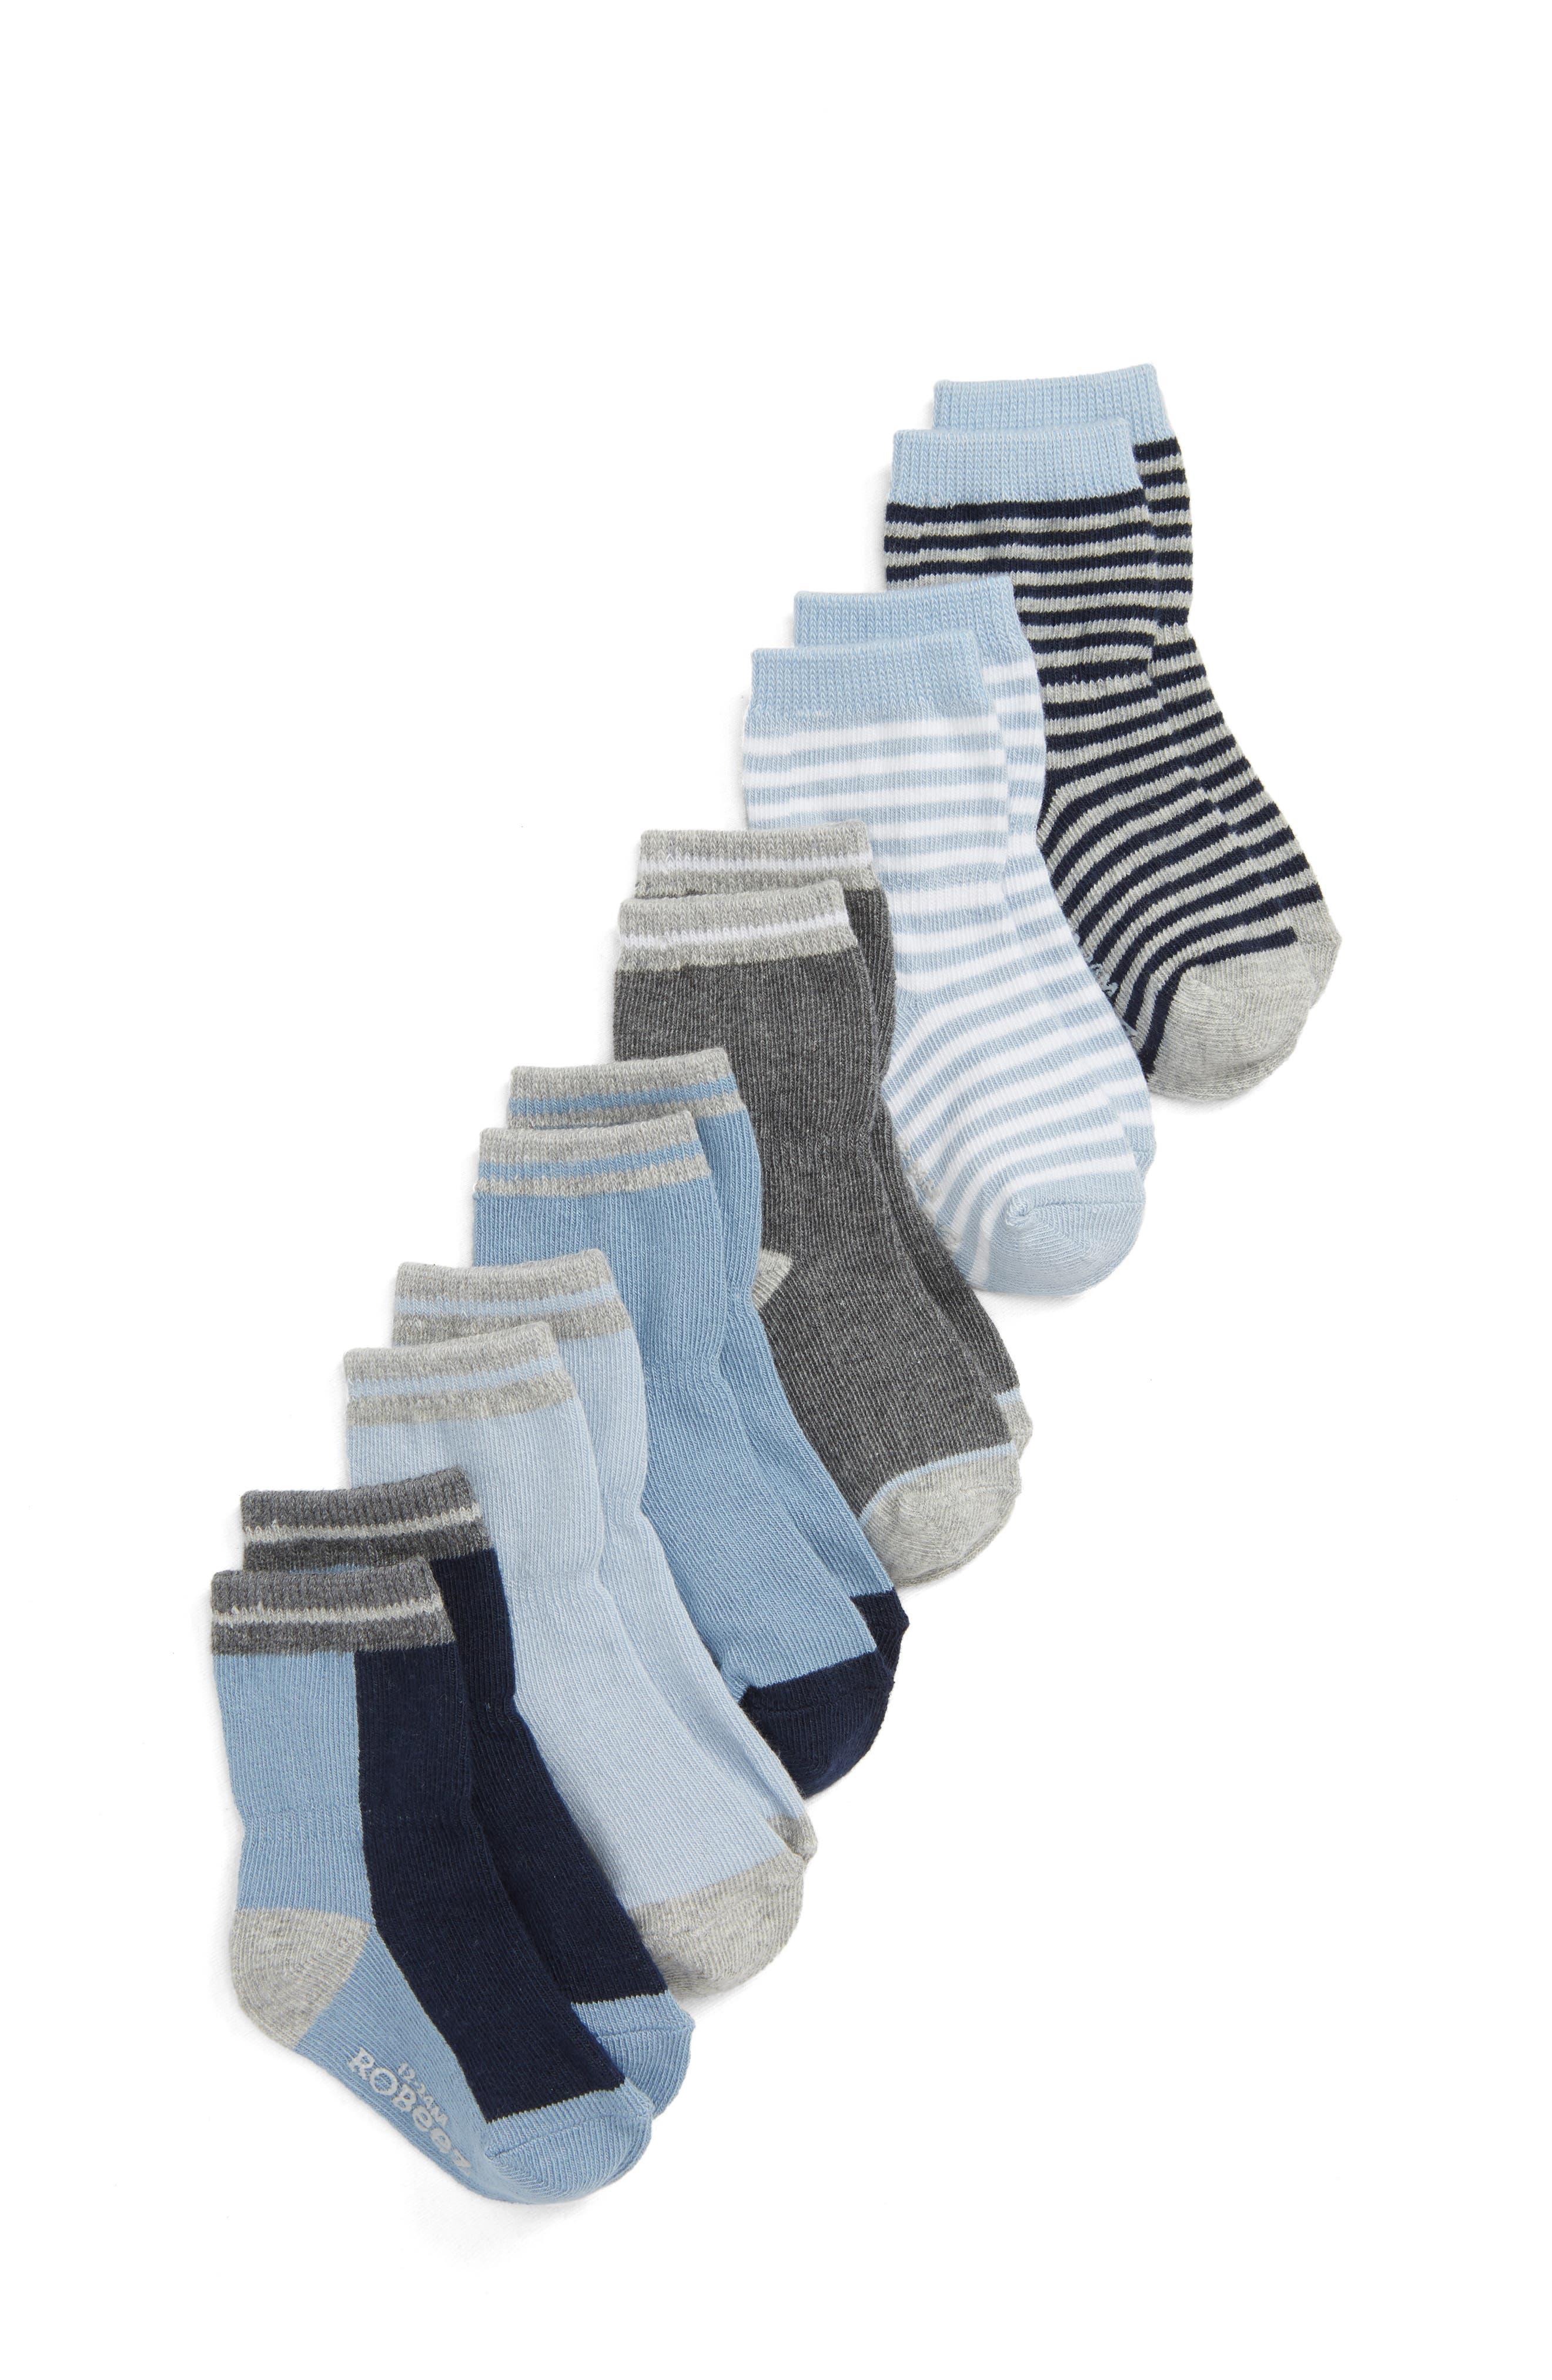 Benjamin Blue 6-Pack Socks,                             Main thumbnail 1, color,                             420